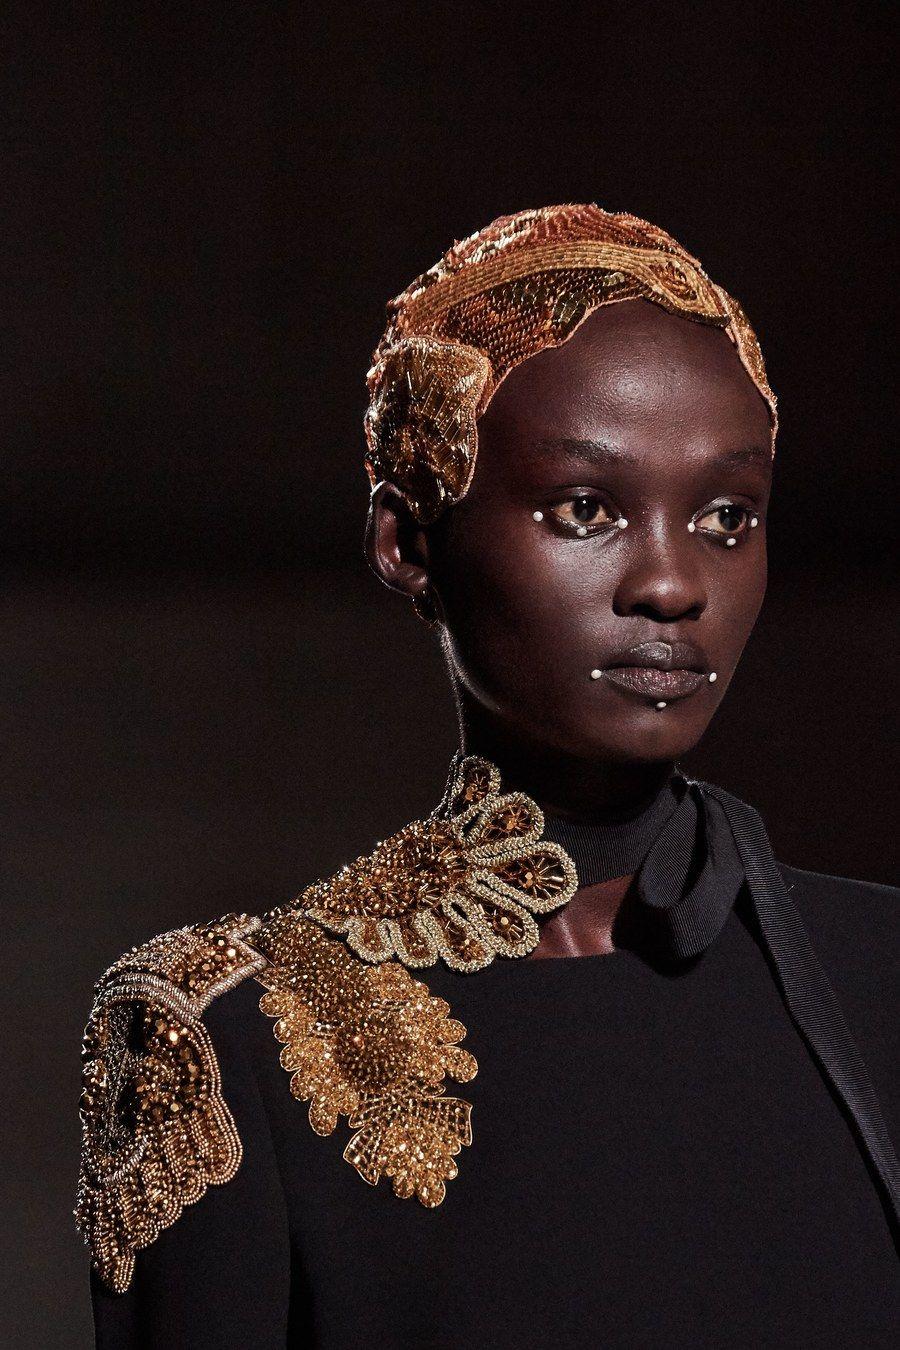 Dries Van Noten Spring 2020 Ready-to-Wear Fashion Show #runwaydetails